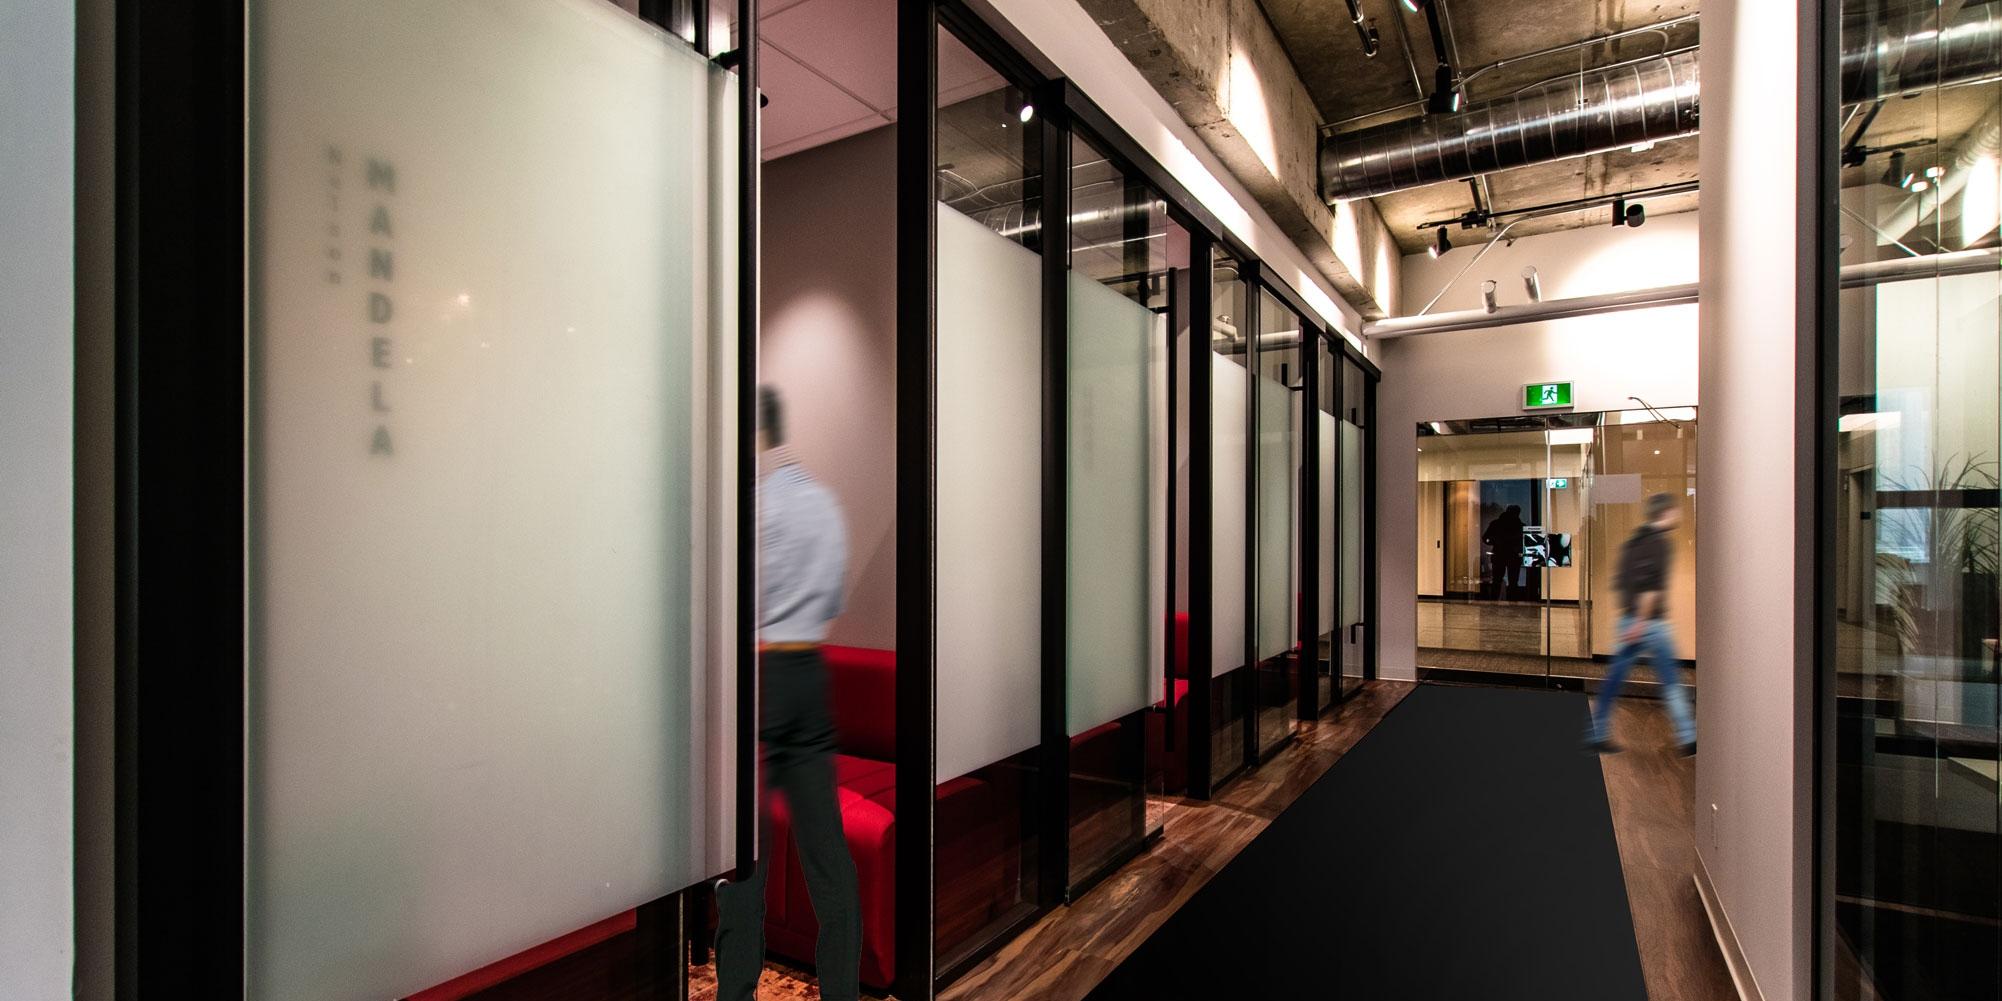 Fogged glass walls